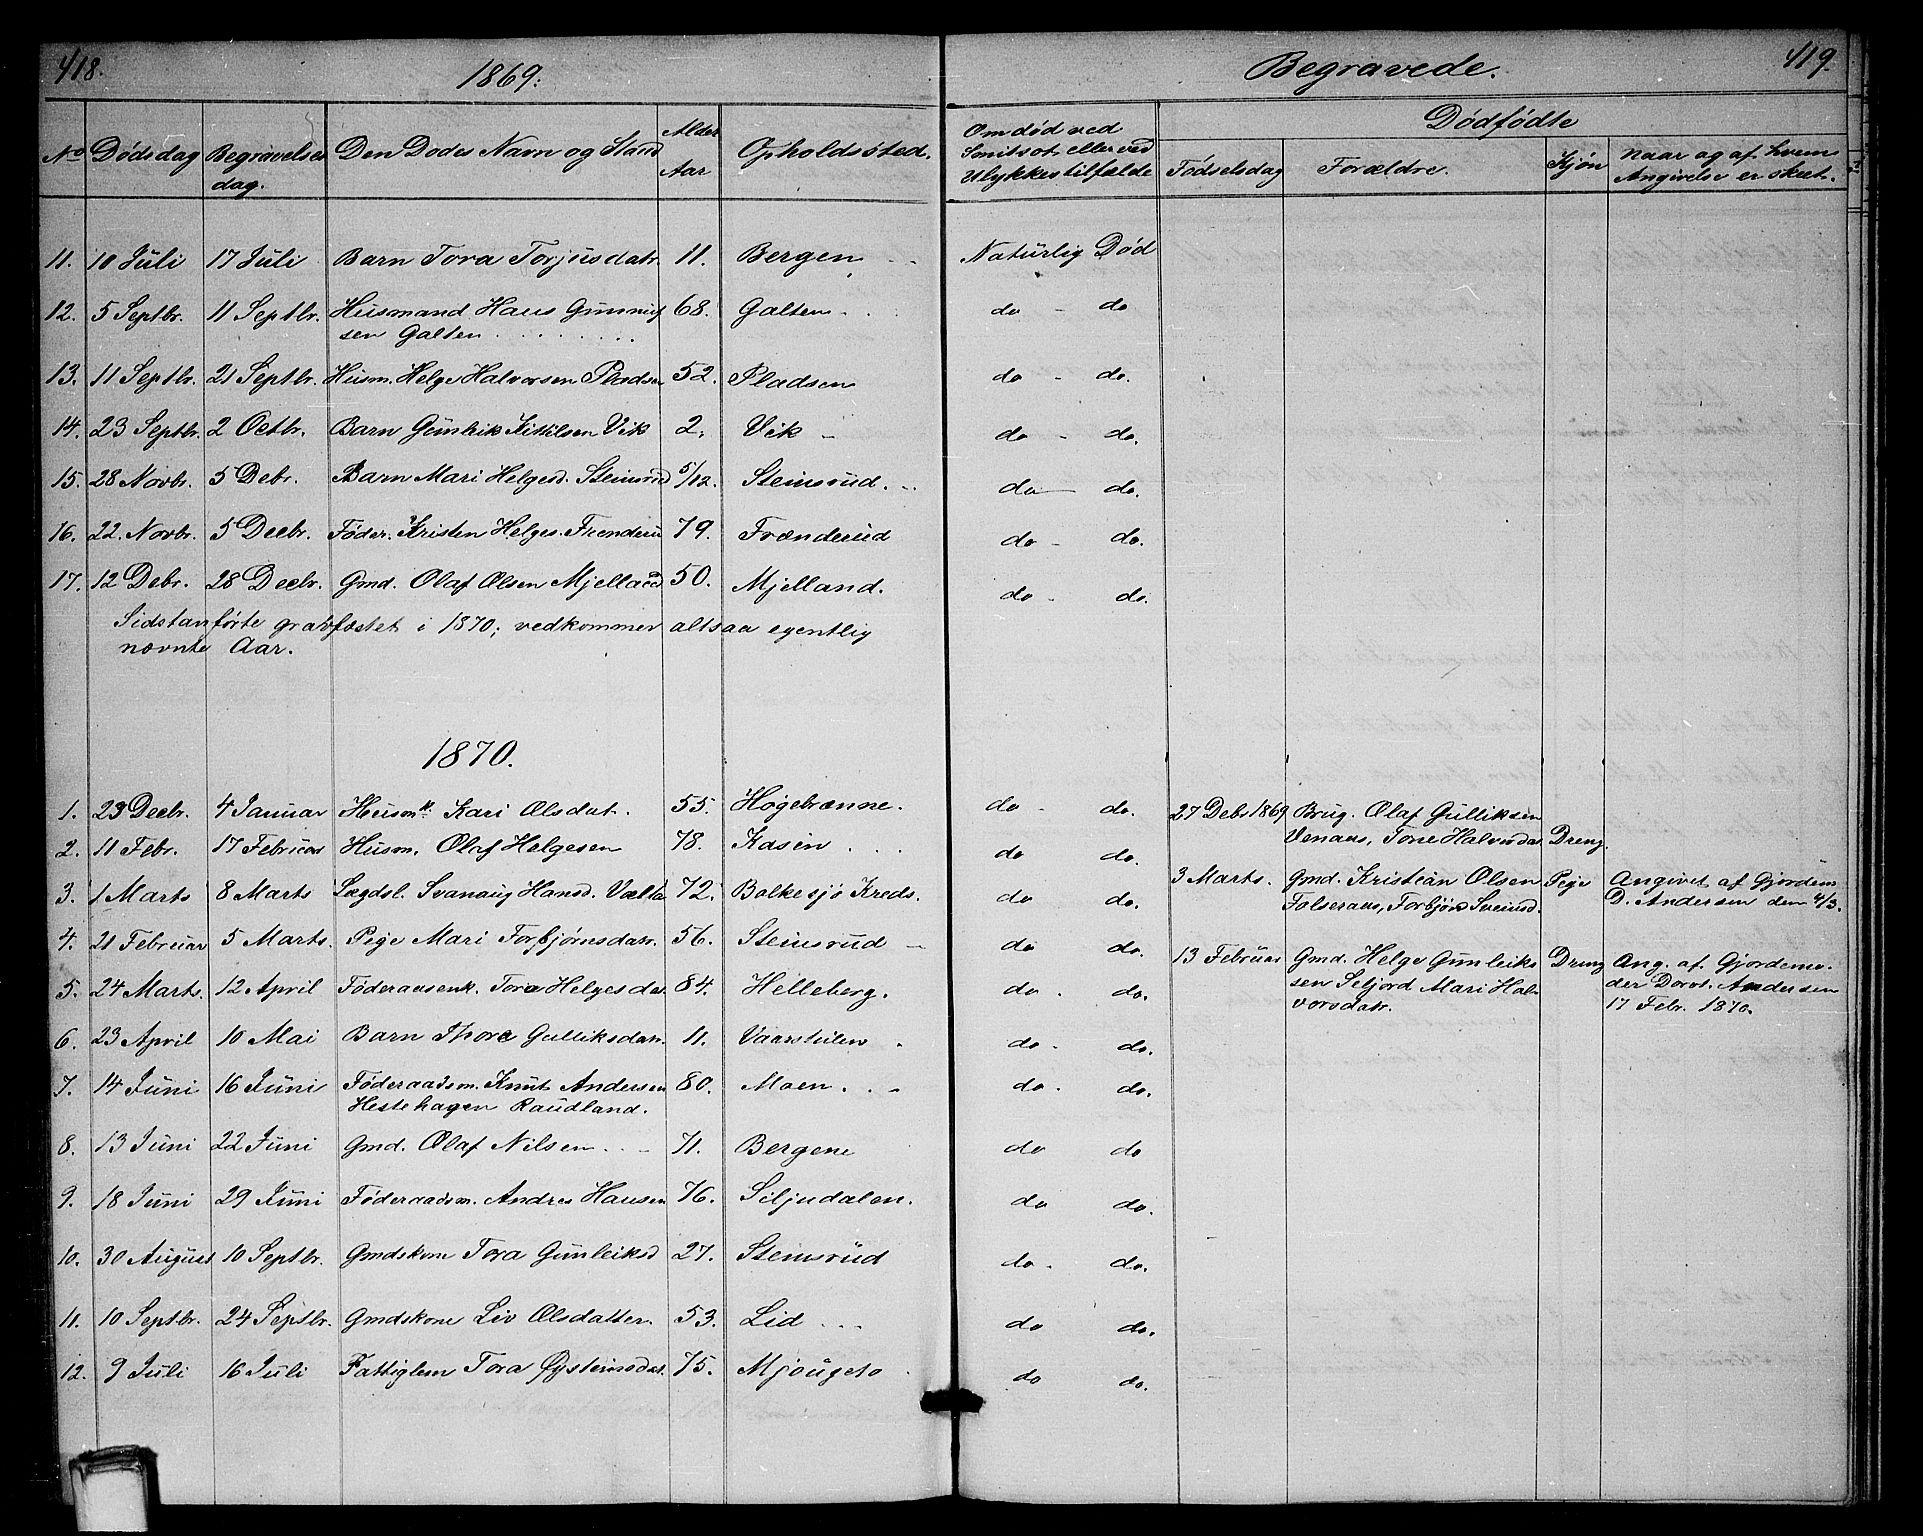 SAKO, Gransherad kirkebøker, G/Ga/L0002: Klokkerbok nr. I 2, 1854-1886, s. 418-419